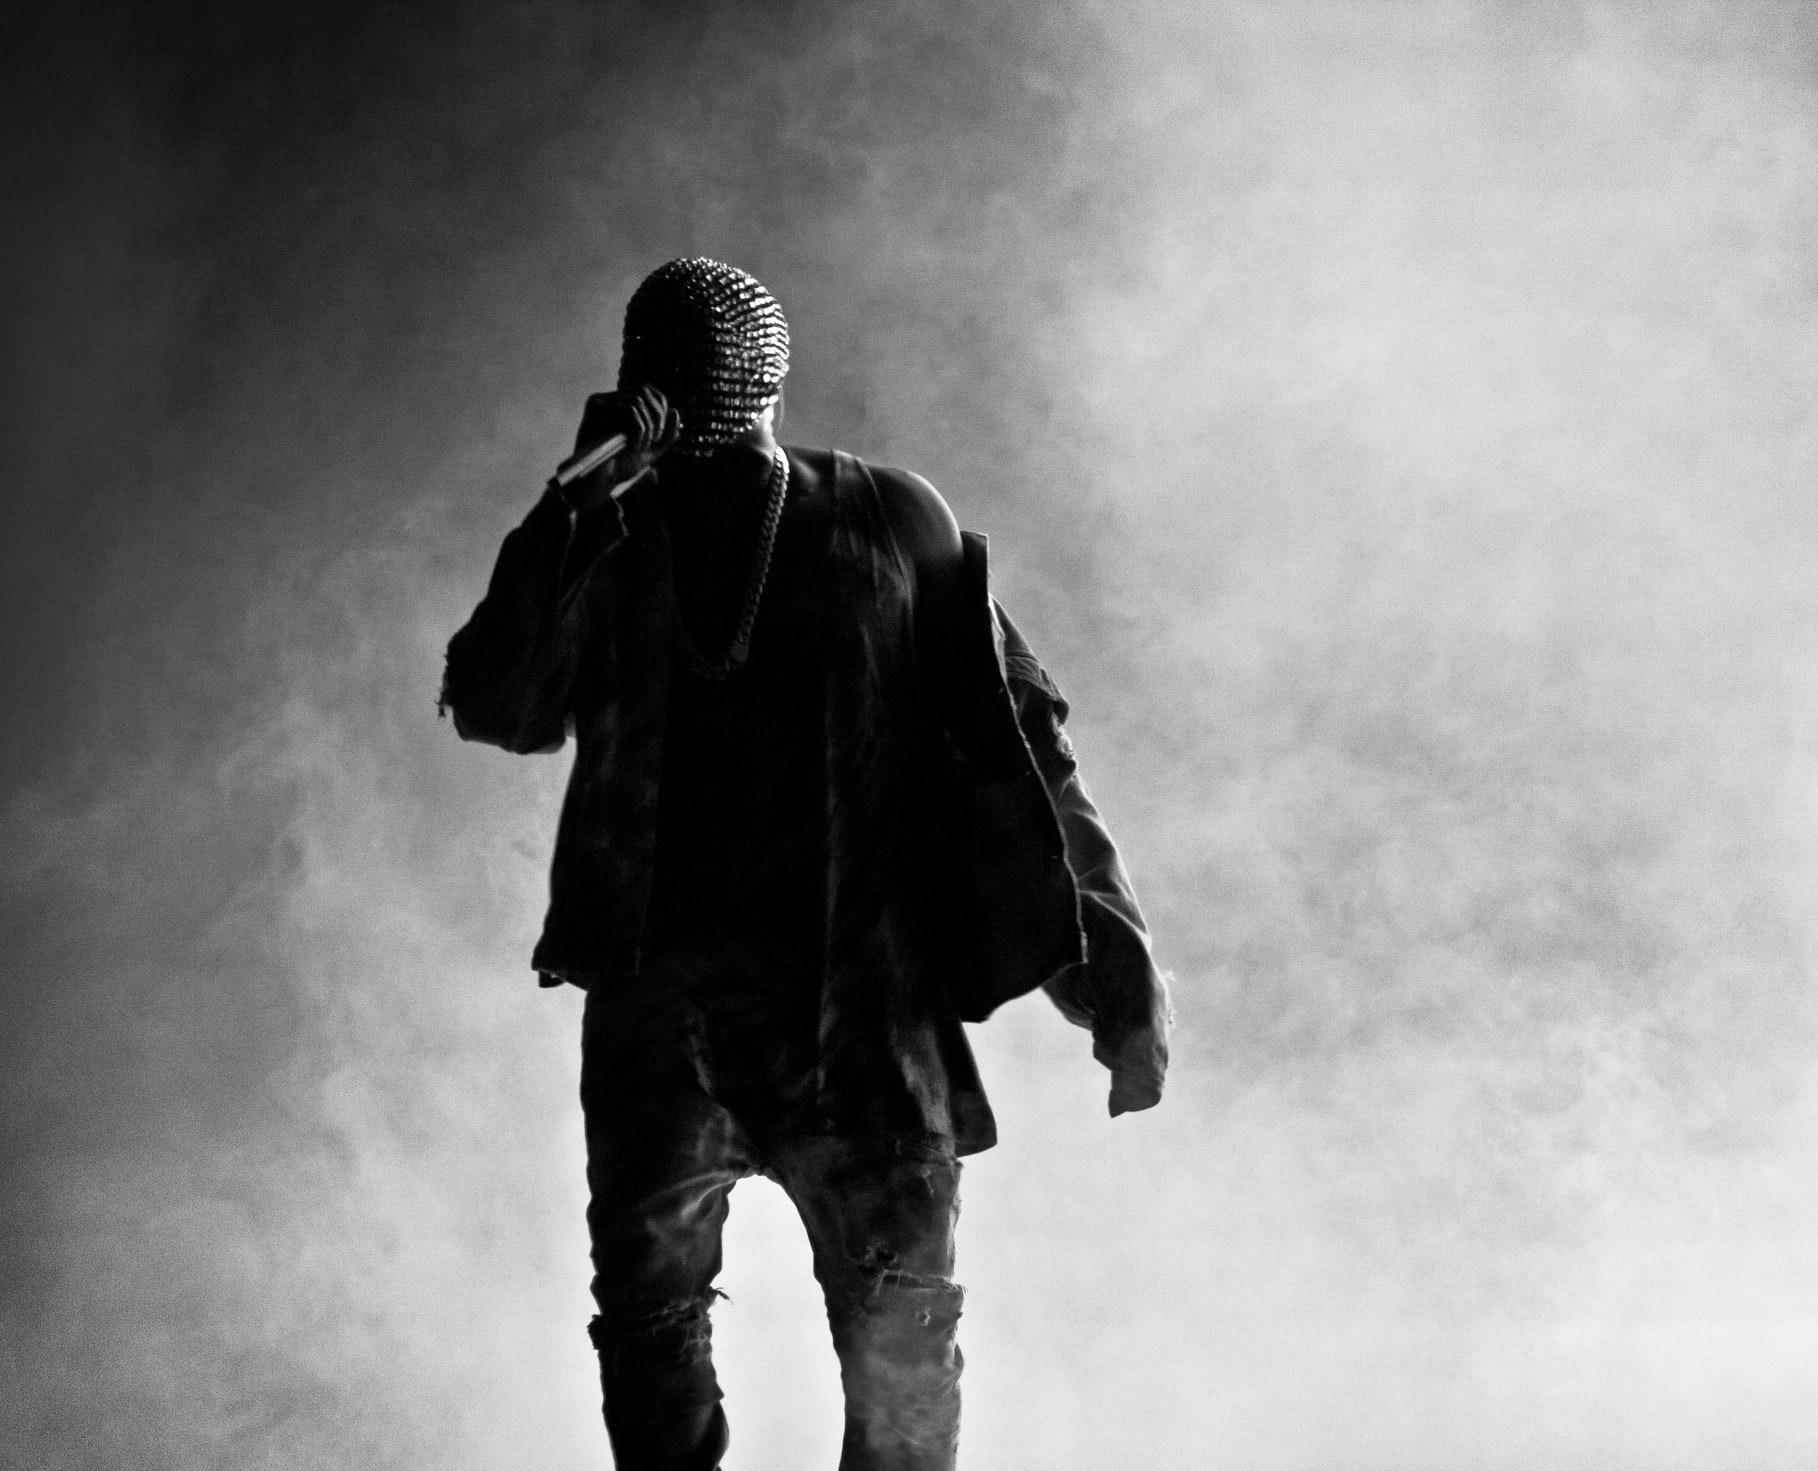 Tra listening party, Balenciaga e musica: è uscito DONDA, il nuovo disco di Kanye West.